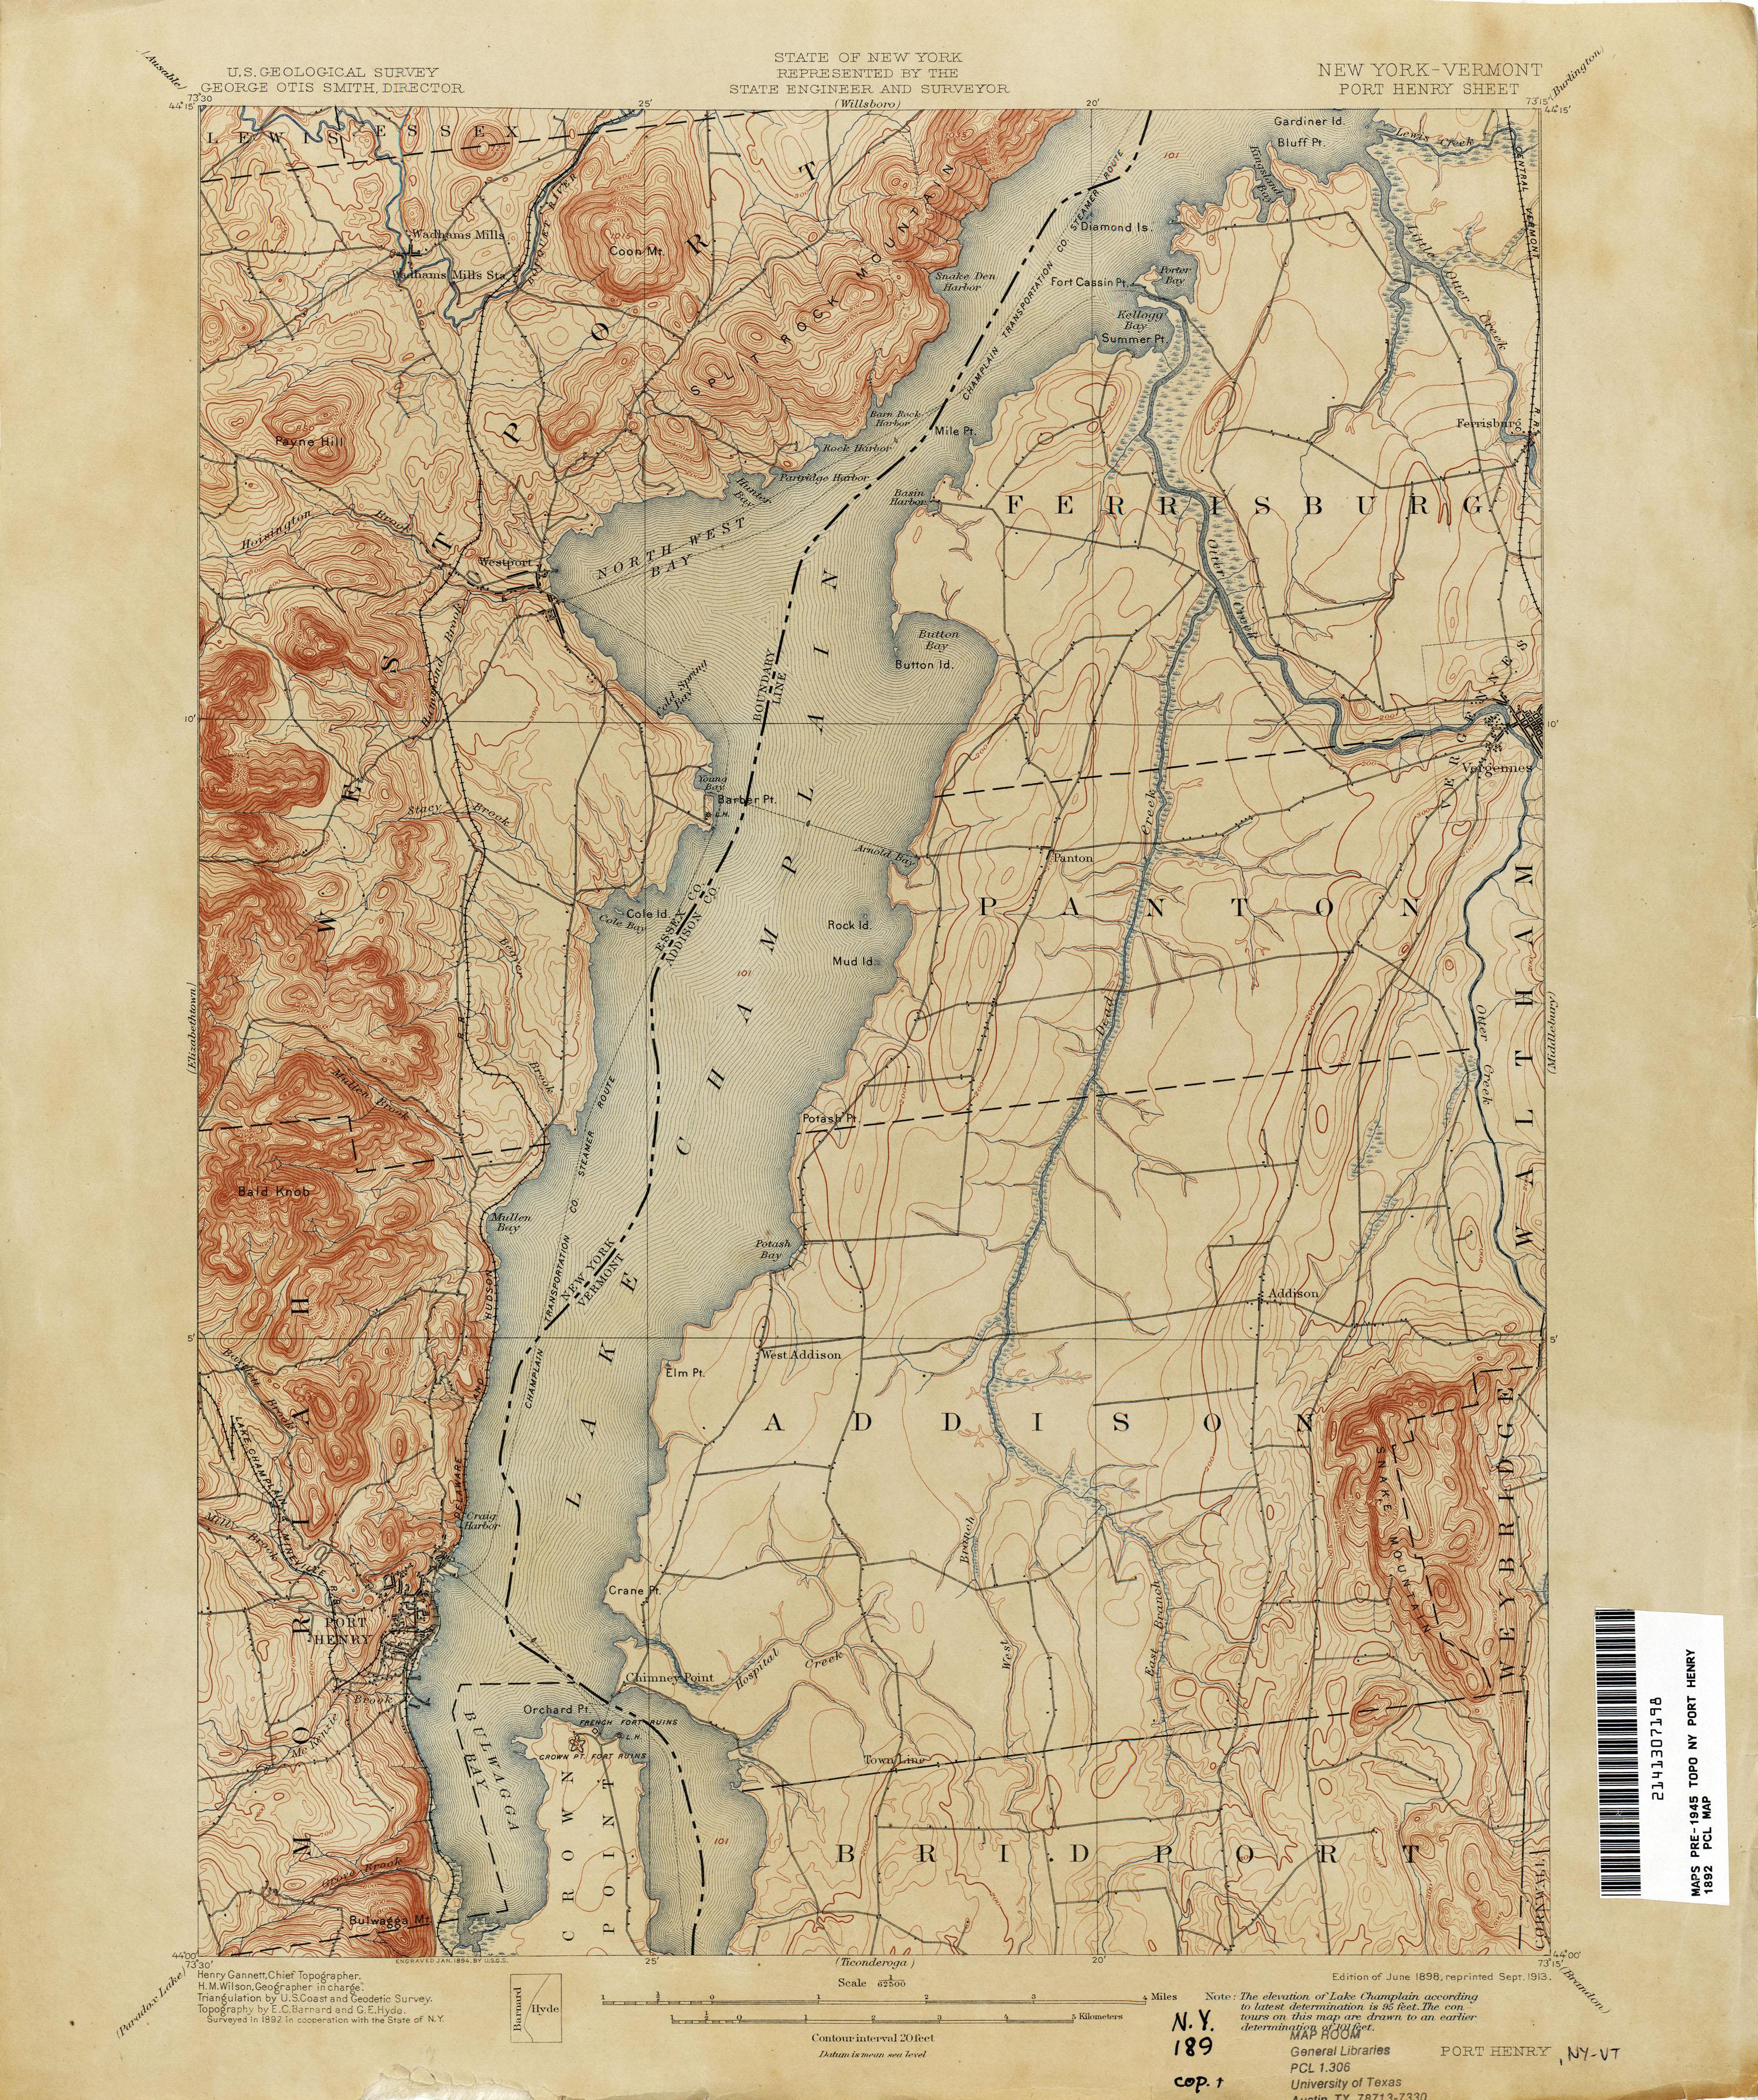 File:Port Henry New York USGS topo map 1892.jpg - Wikimedia Commons